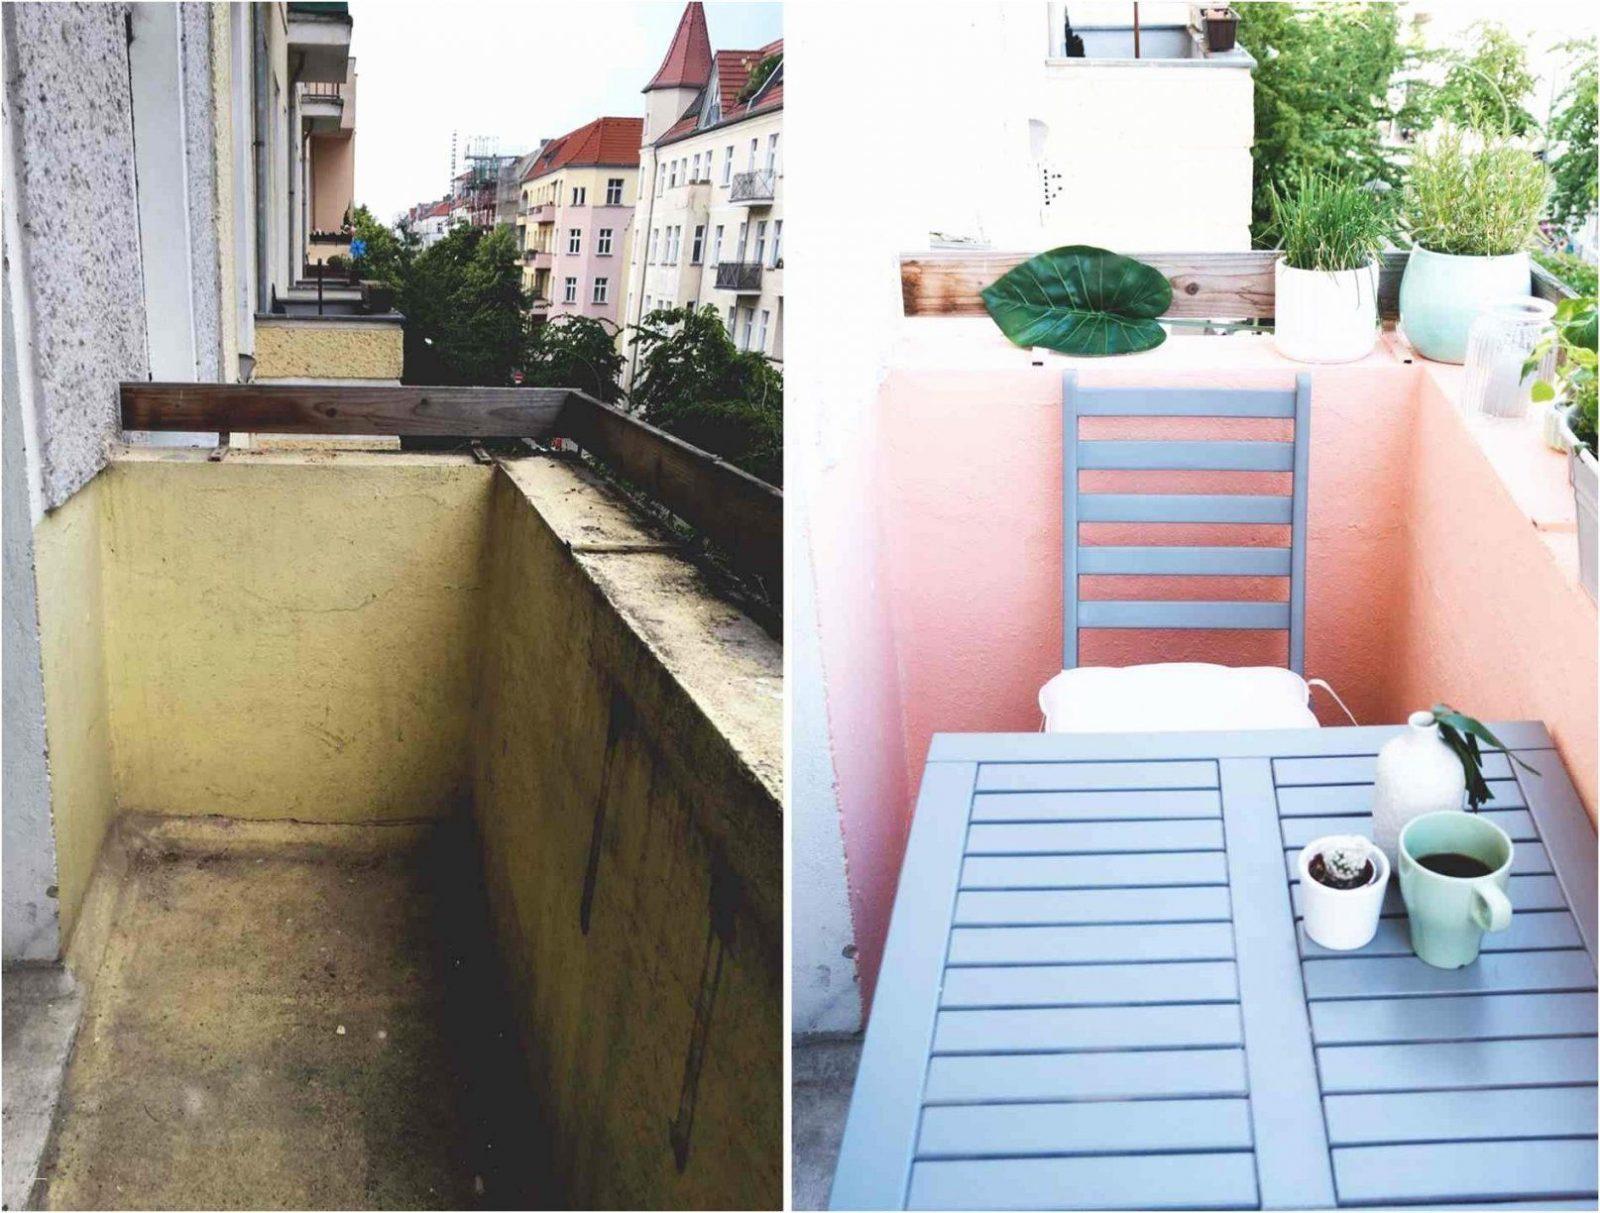 Balkongestaltung Schmaler Balkon 145 Curtidas 2 Comentarios